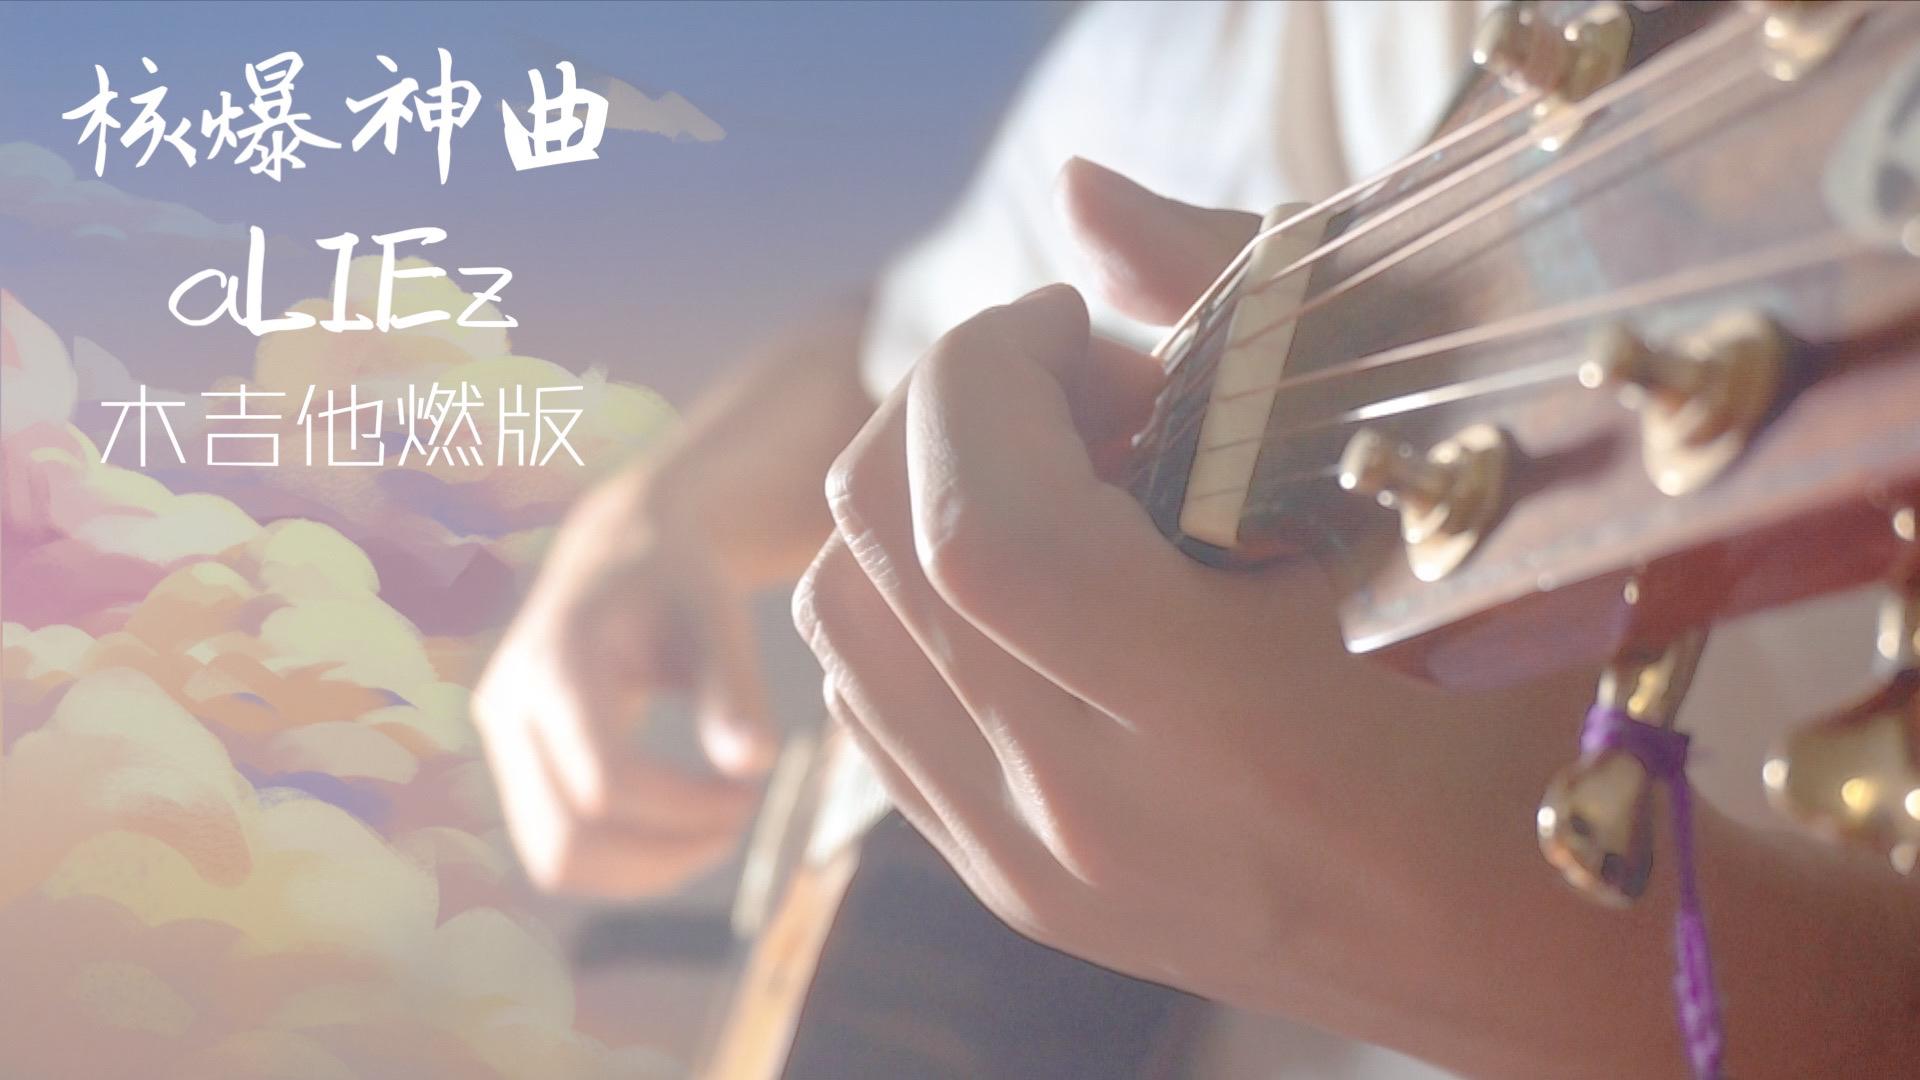 只用木吉他还原《核爆神曲》男版aLIEz日文改编翻唱